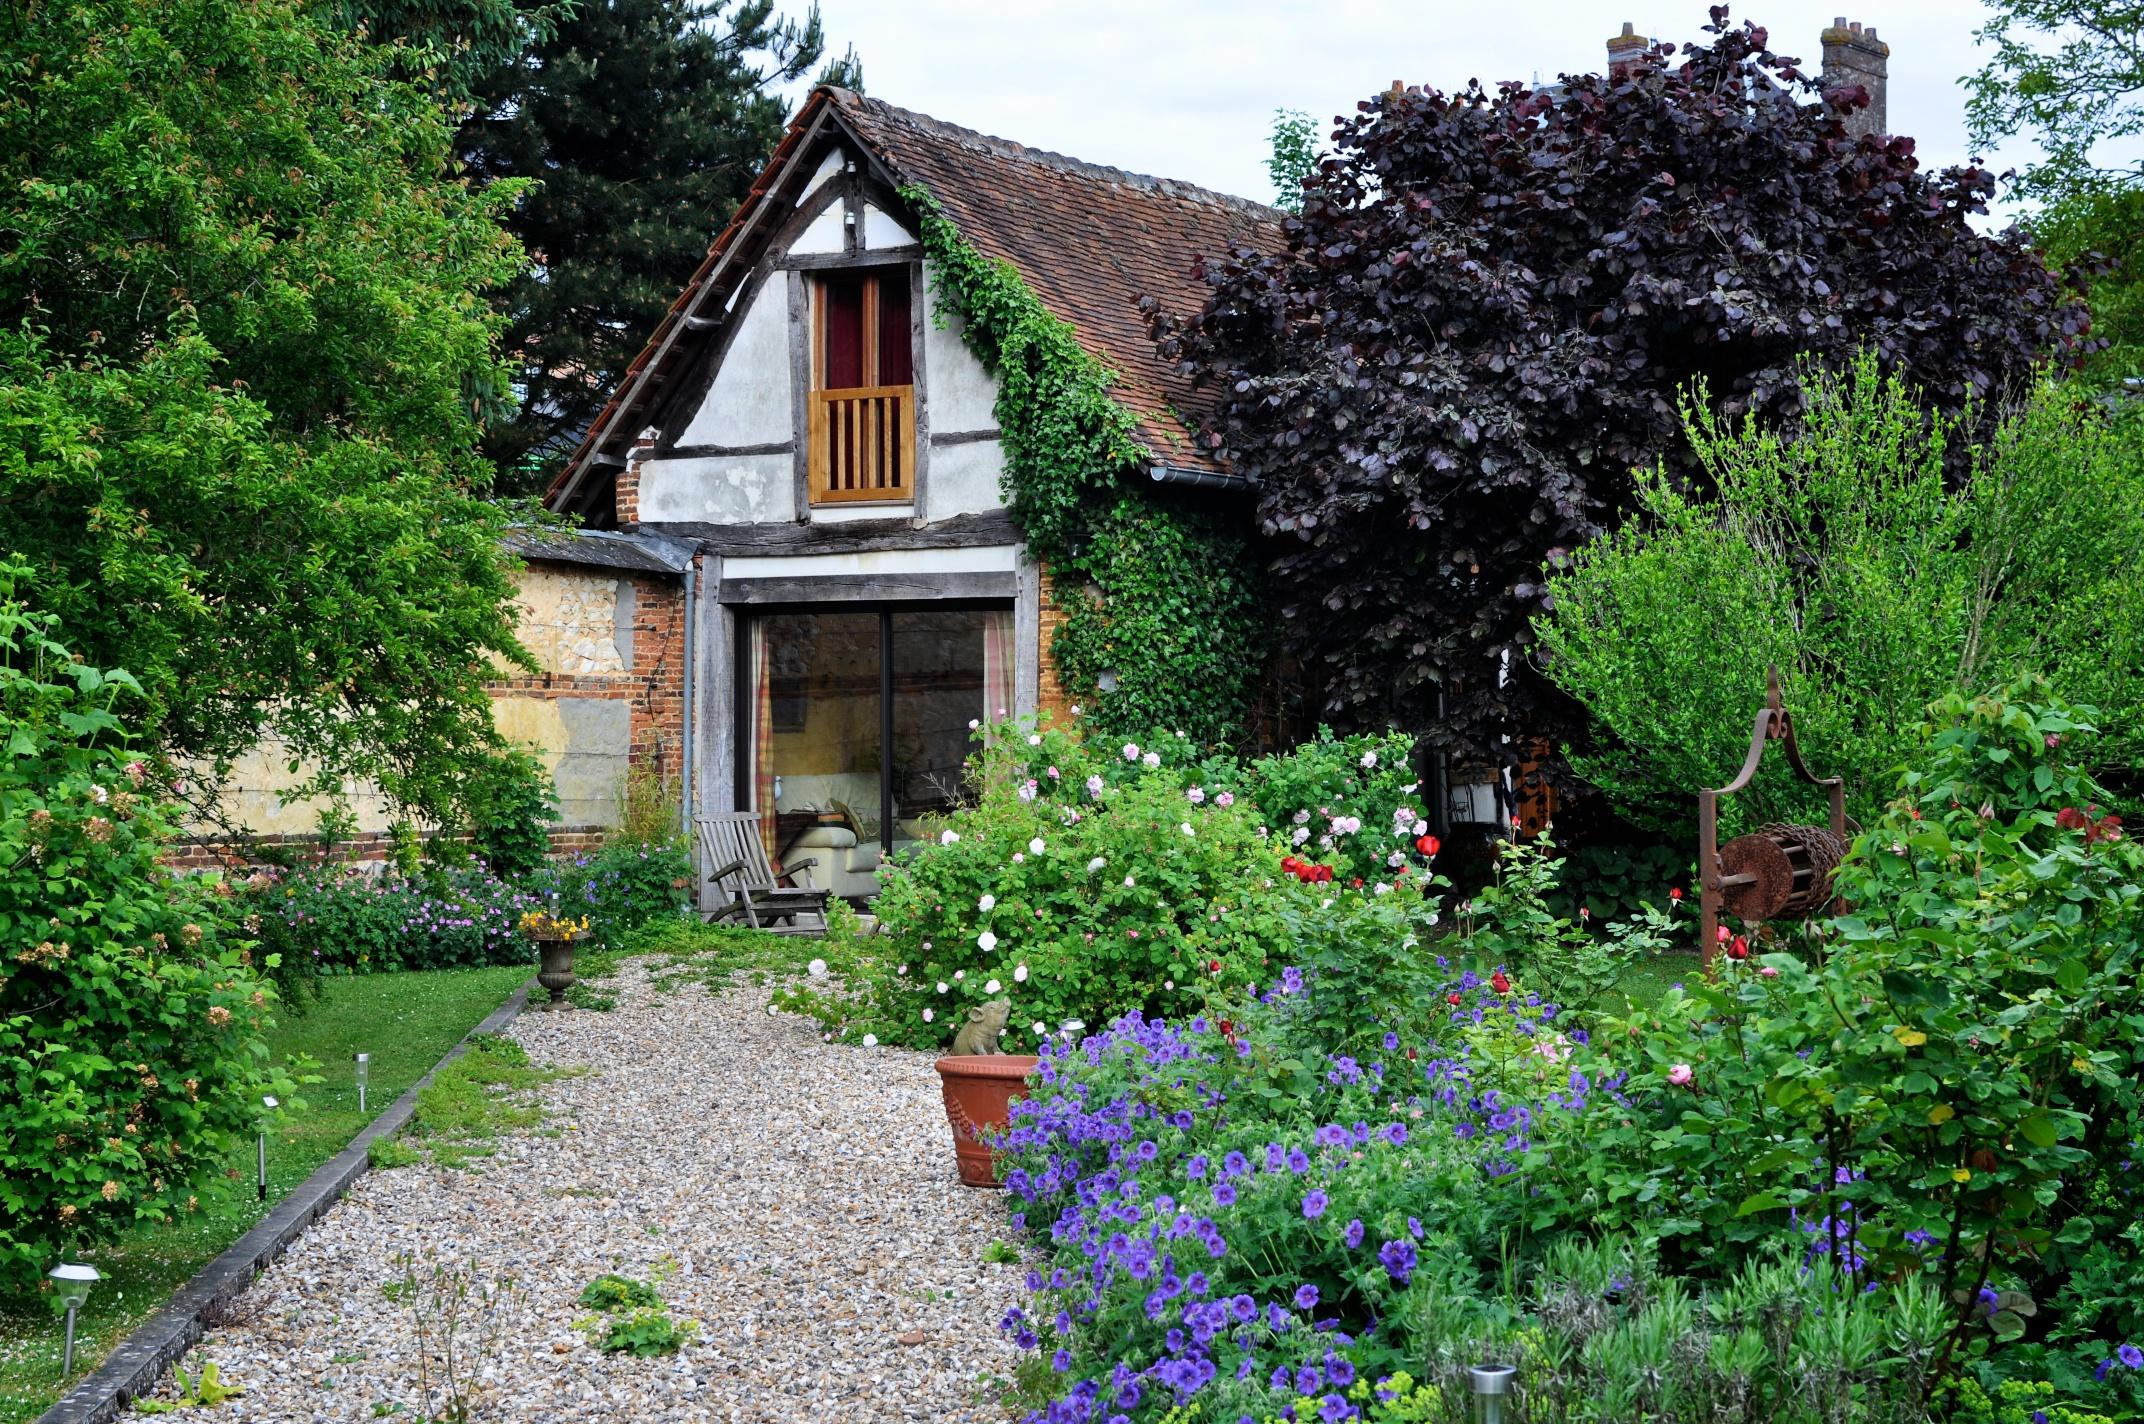 Jardin de maison minecraft skyblock ep 2 le jardin de la maison jardin de maison avec l tang for Maison du jardin paris